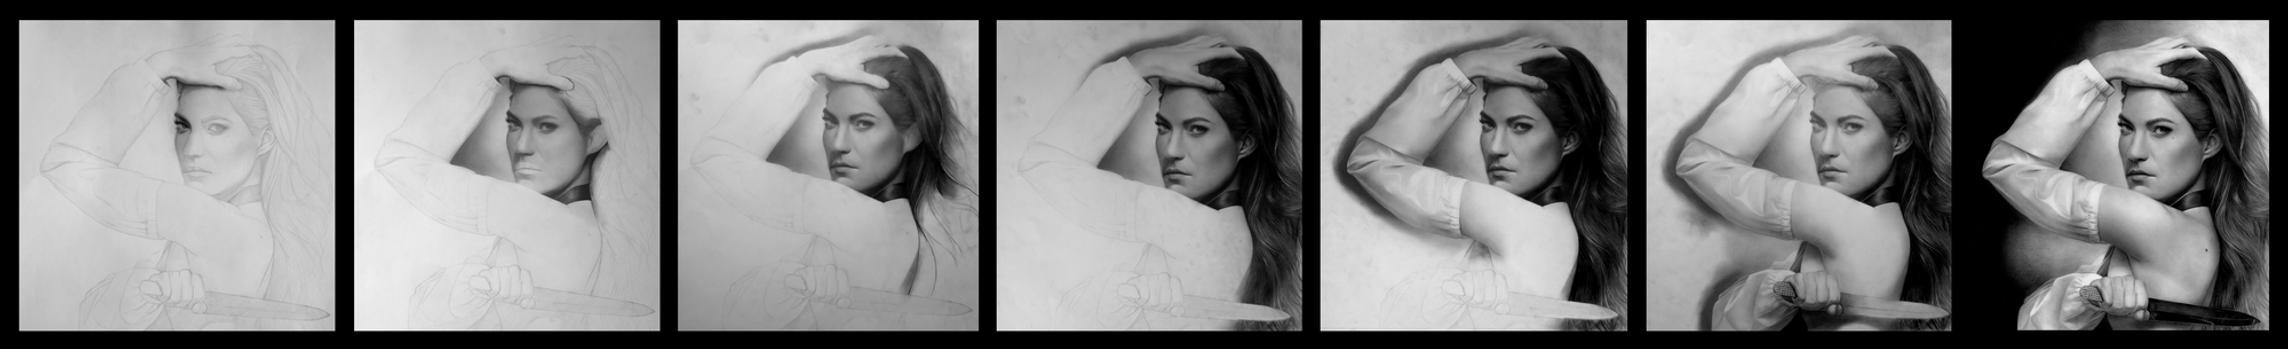 Debra Morgan - WIP by Stanbos